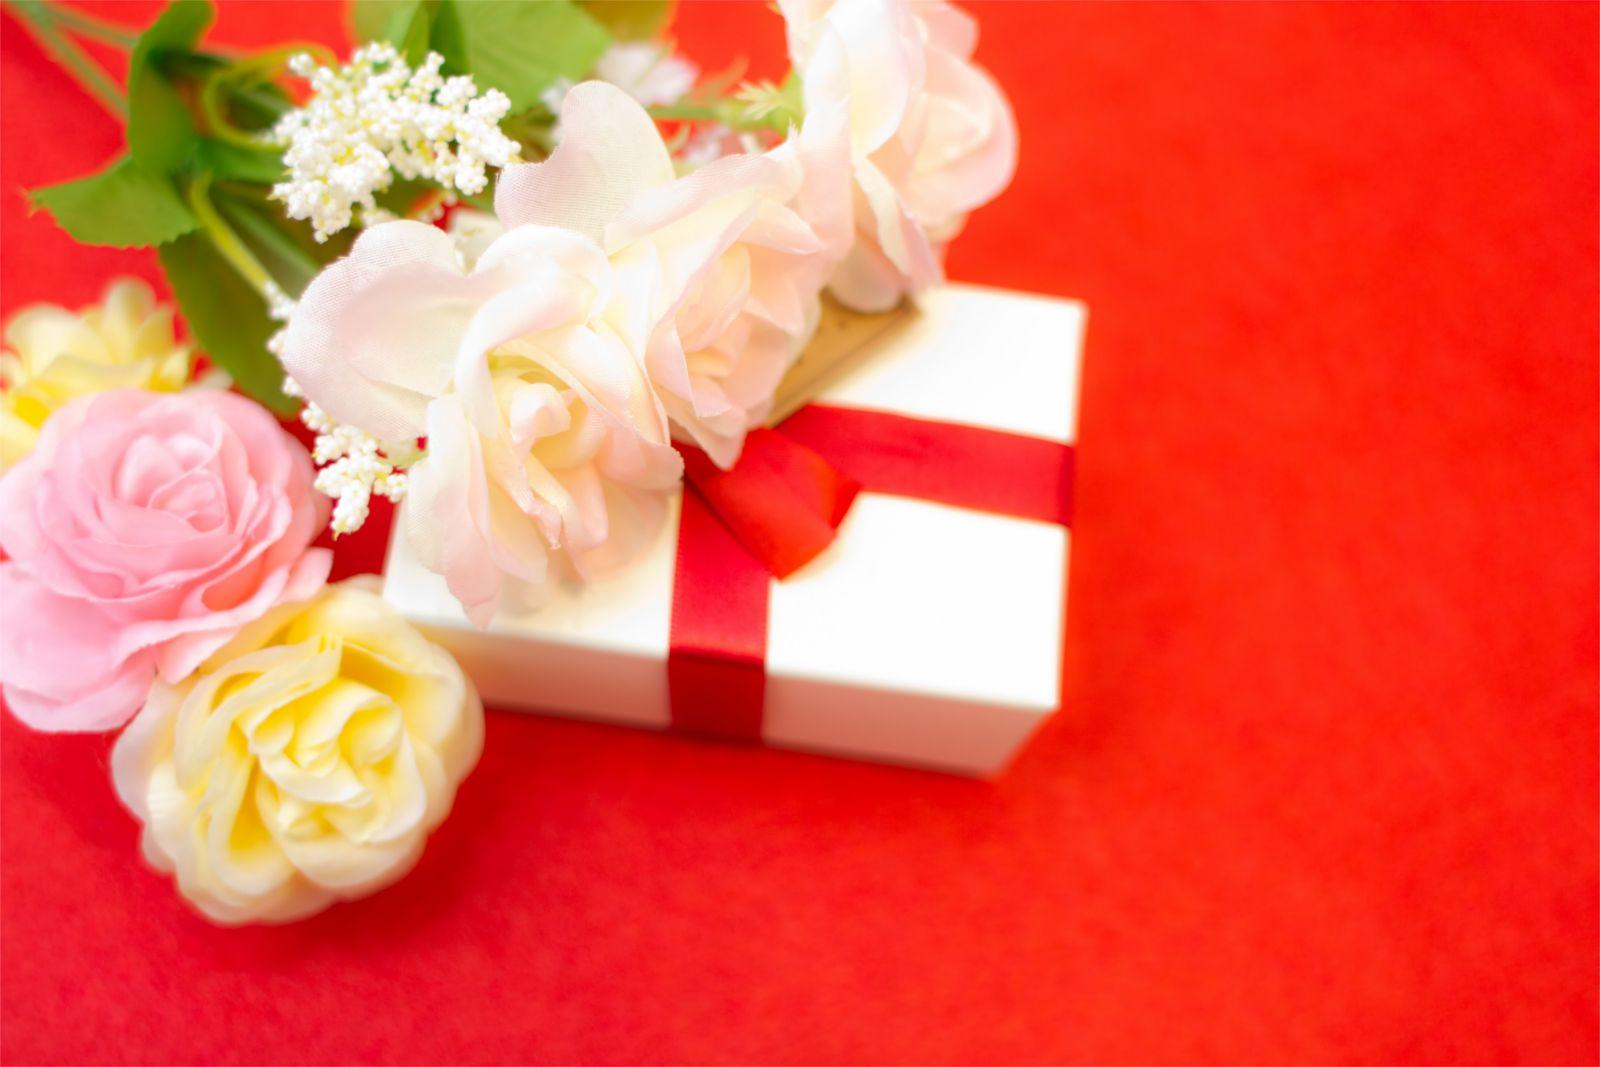 赤い台紙の上に置かれたプレゼントと花